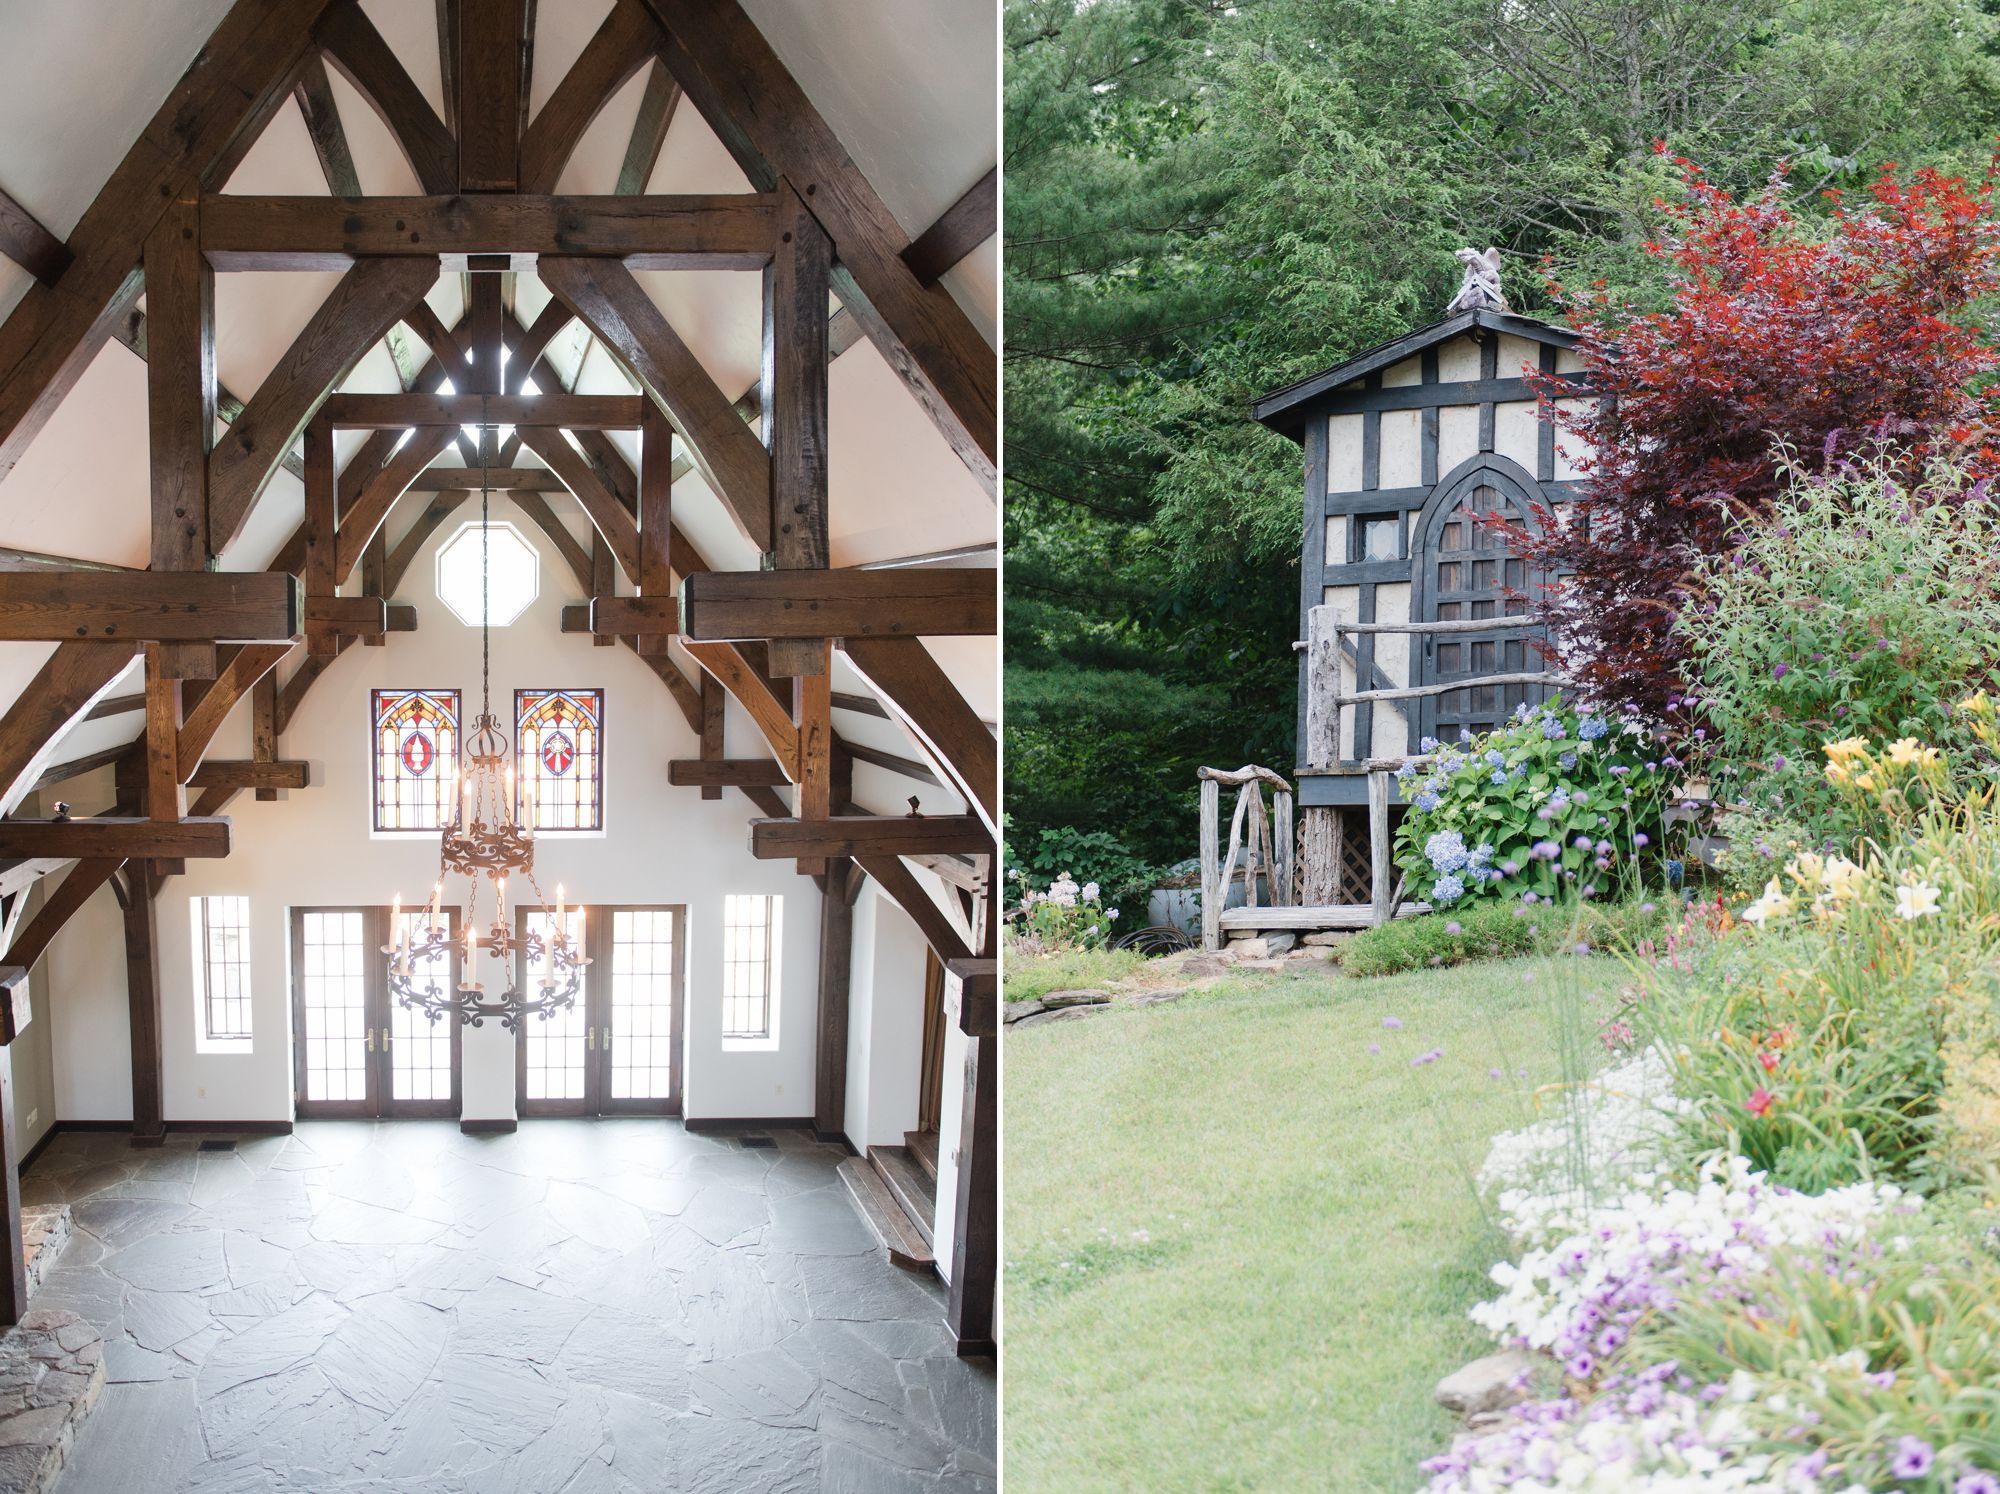 castle-ladyhawke-destination-wedding 1